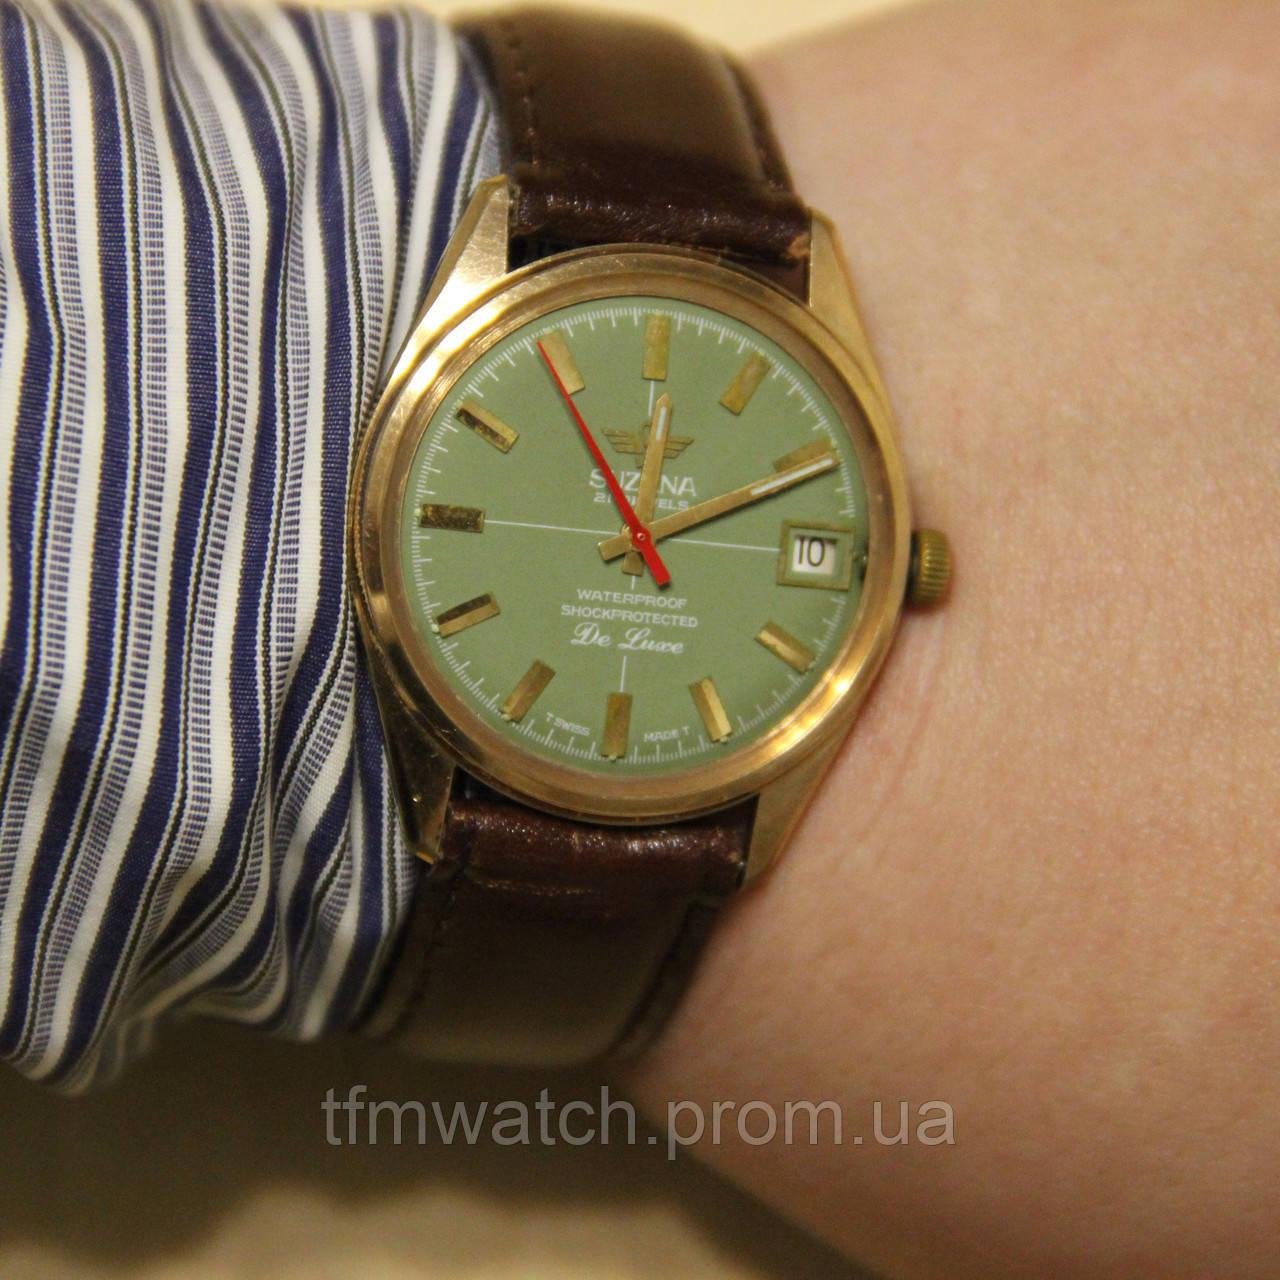 68a6f372 Часы Suzana Swiss made: продажа, цена в Москве. часы наручные и ...